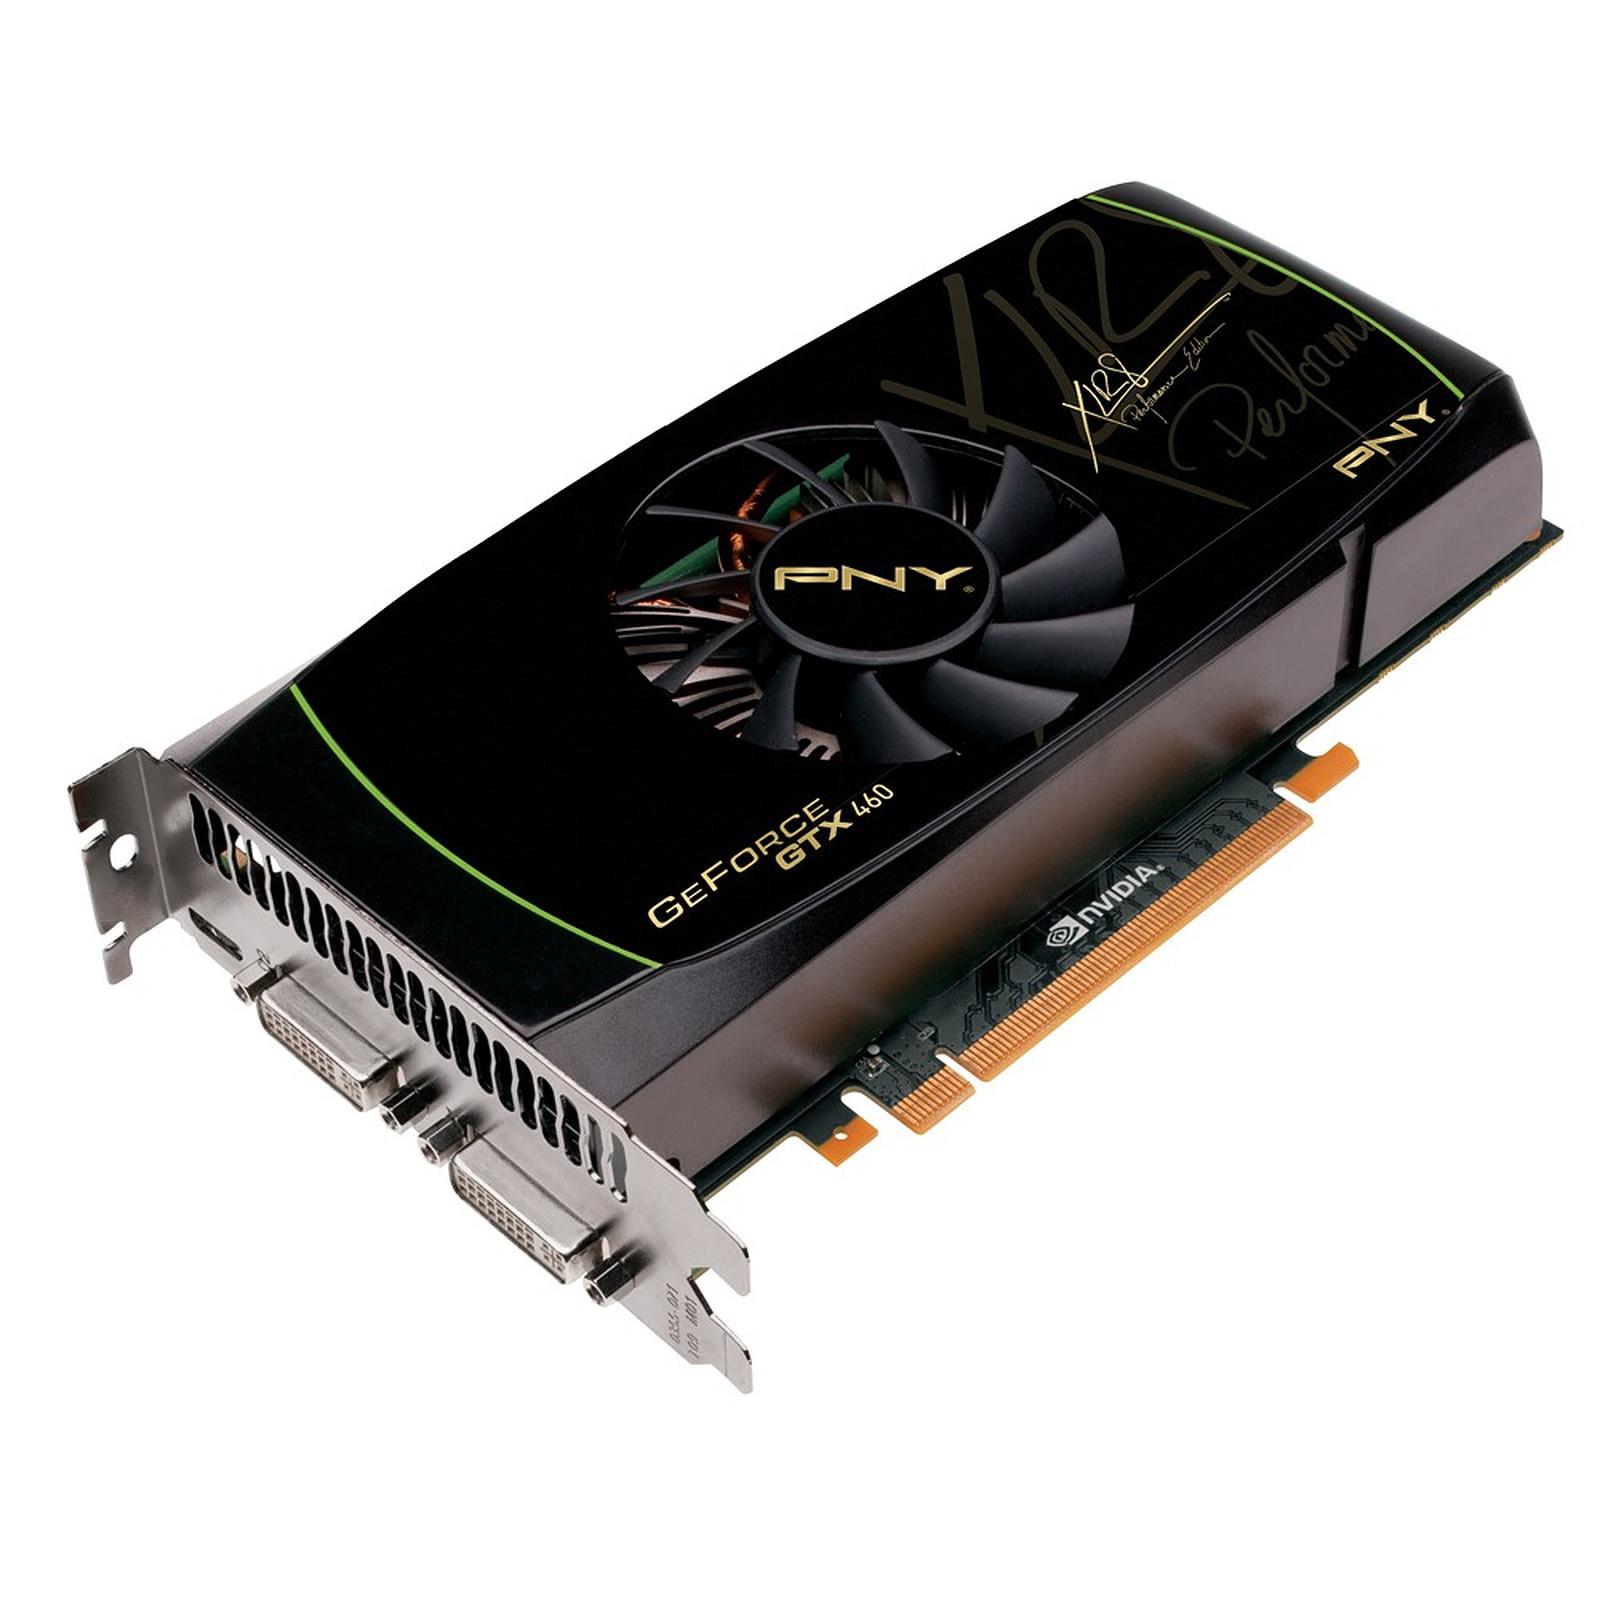 PNY GeForce GTX460 - 768 MB